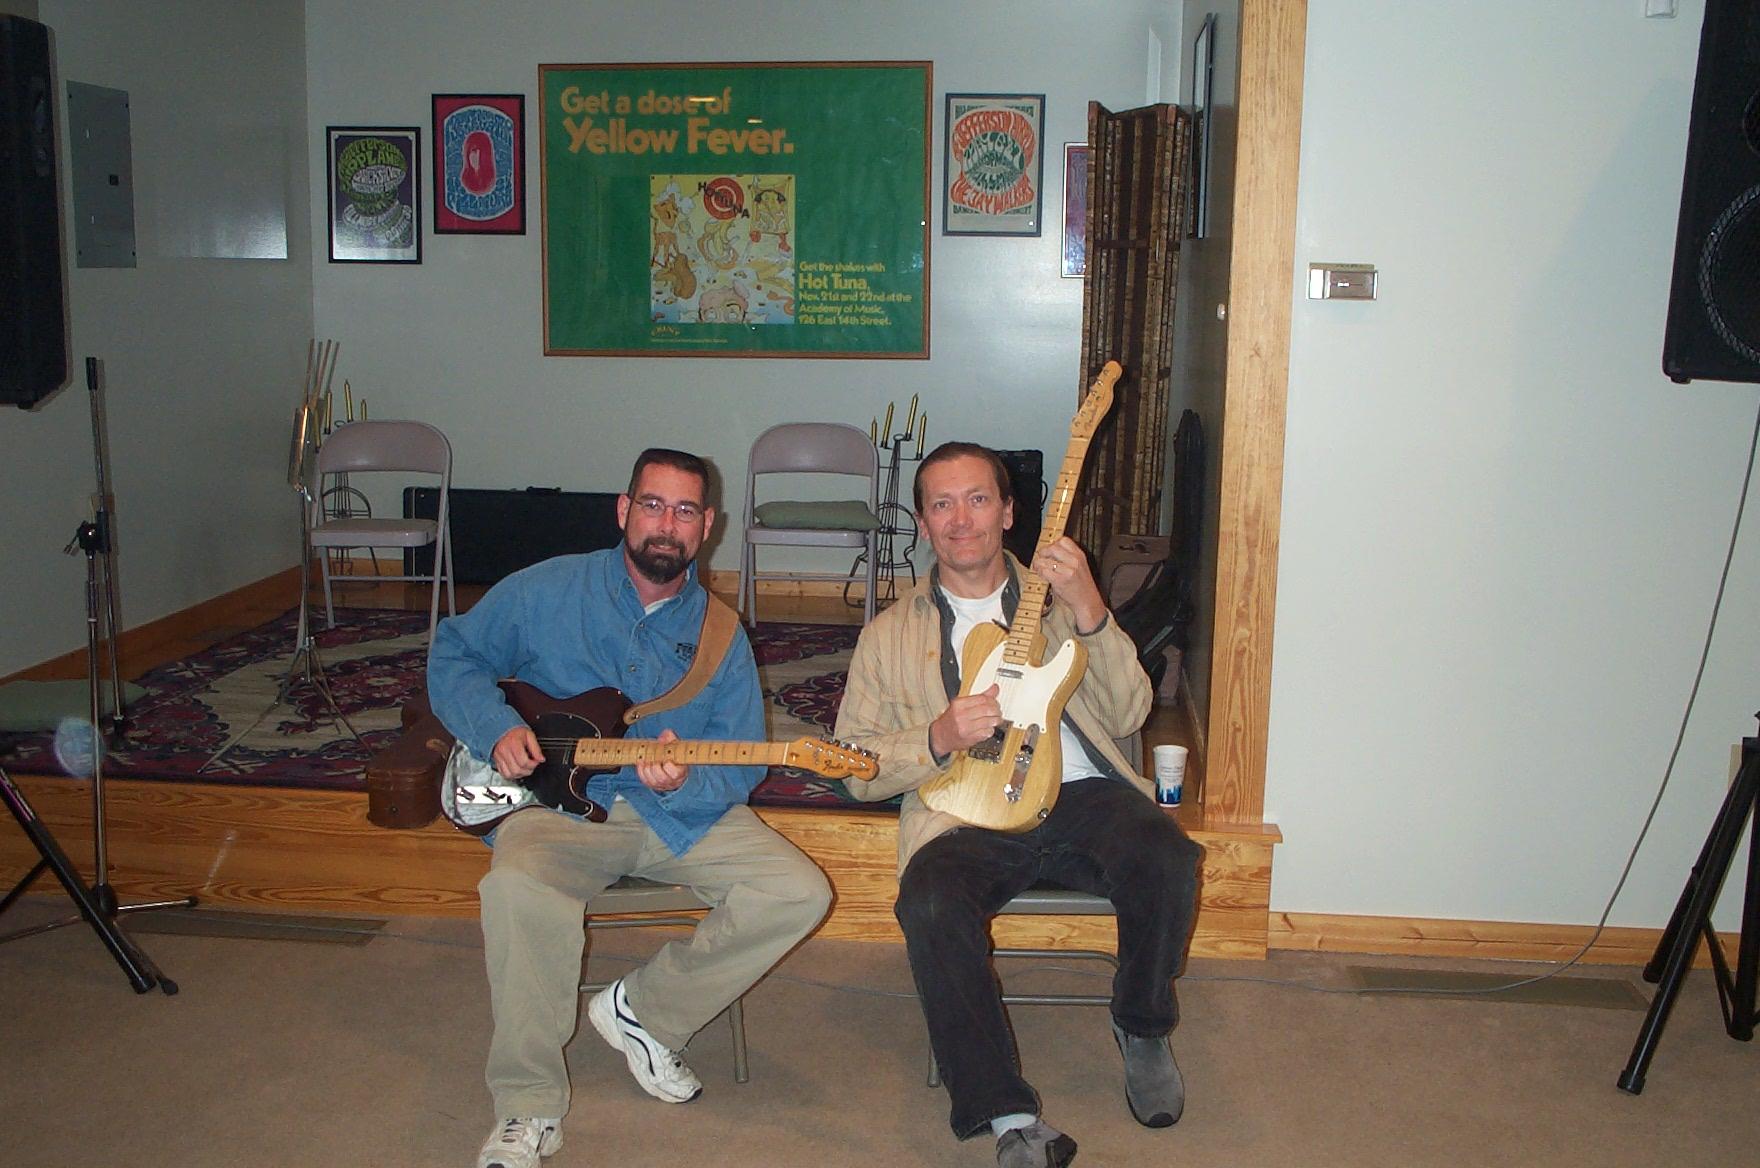 Rob and G.E. Smith